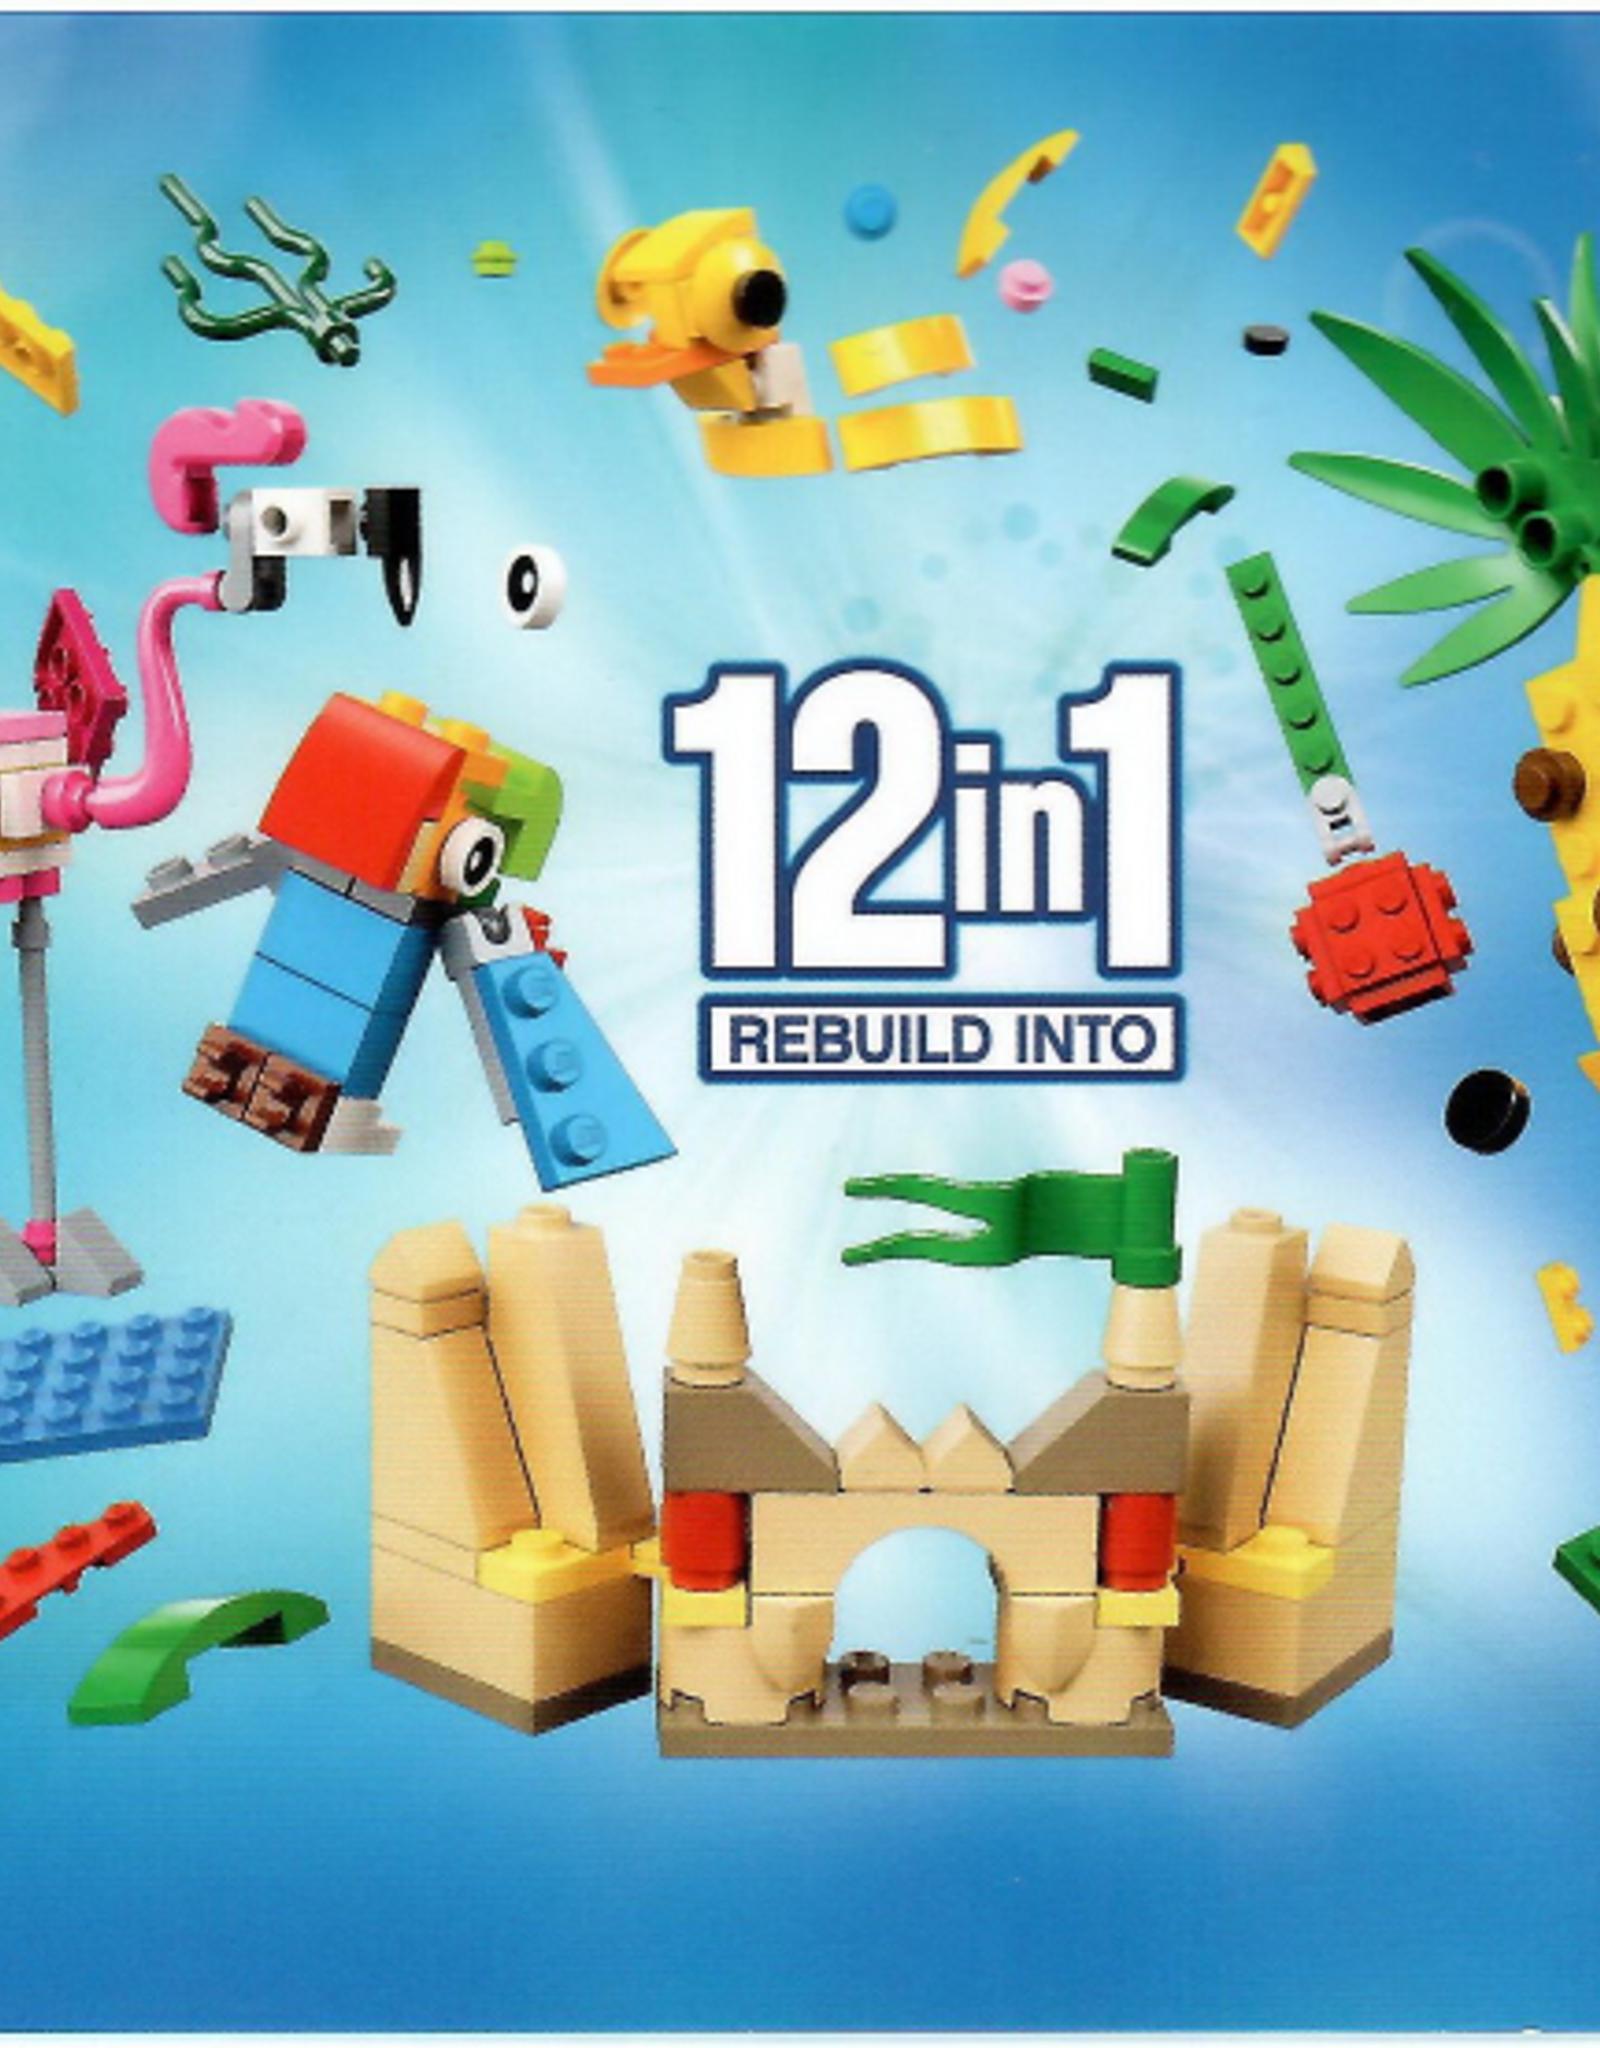 LEGO LEGO 40411 12-in-1 Rebuild Into SPECIALS